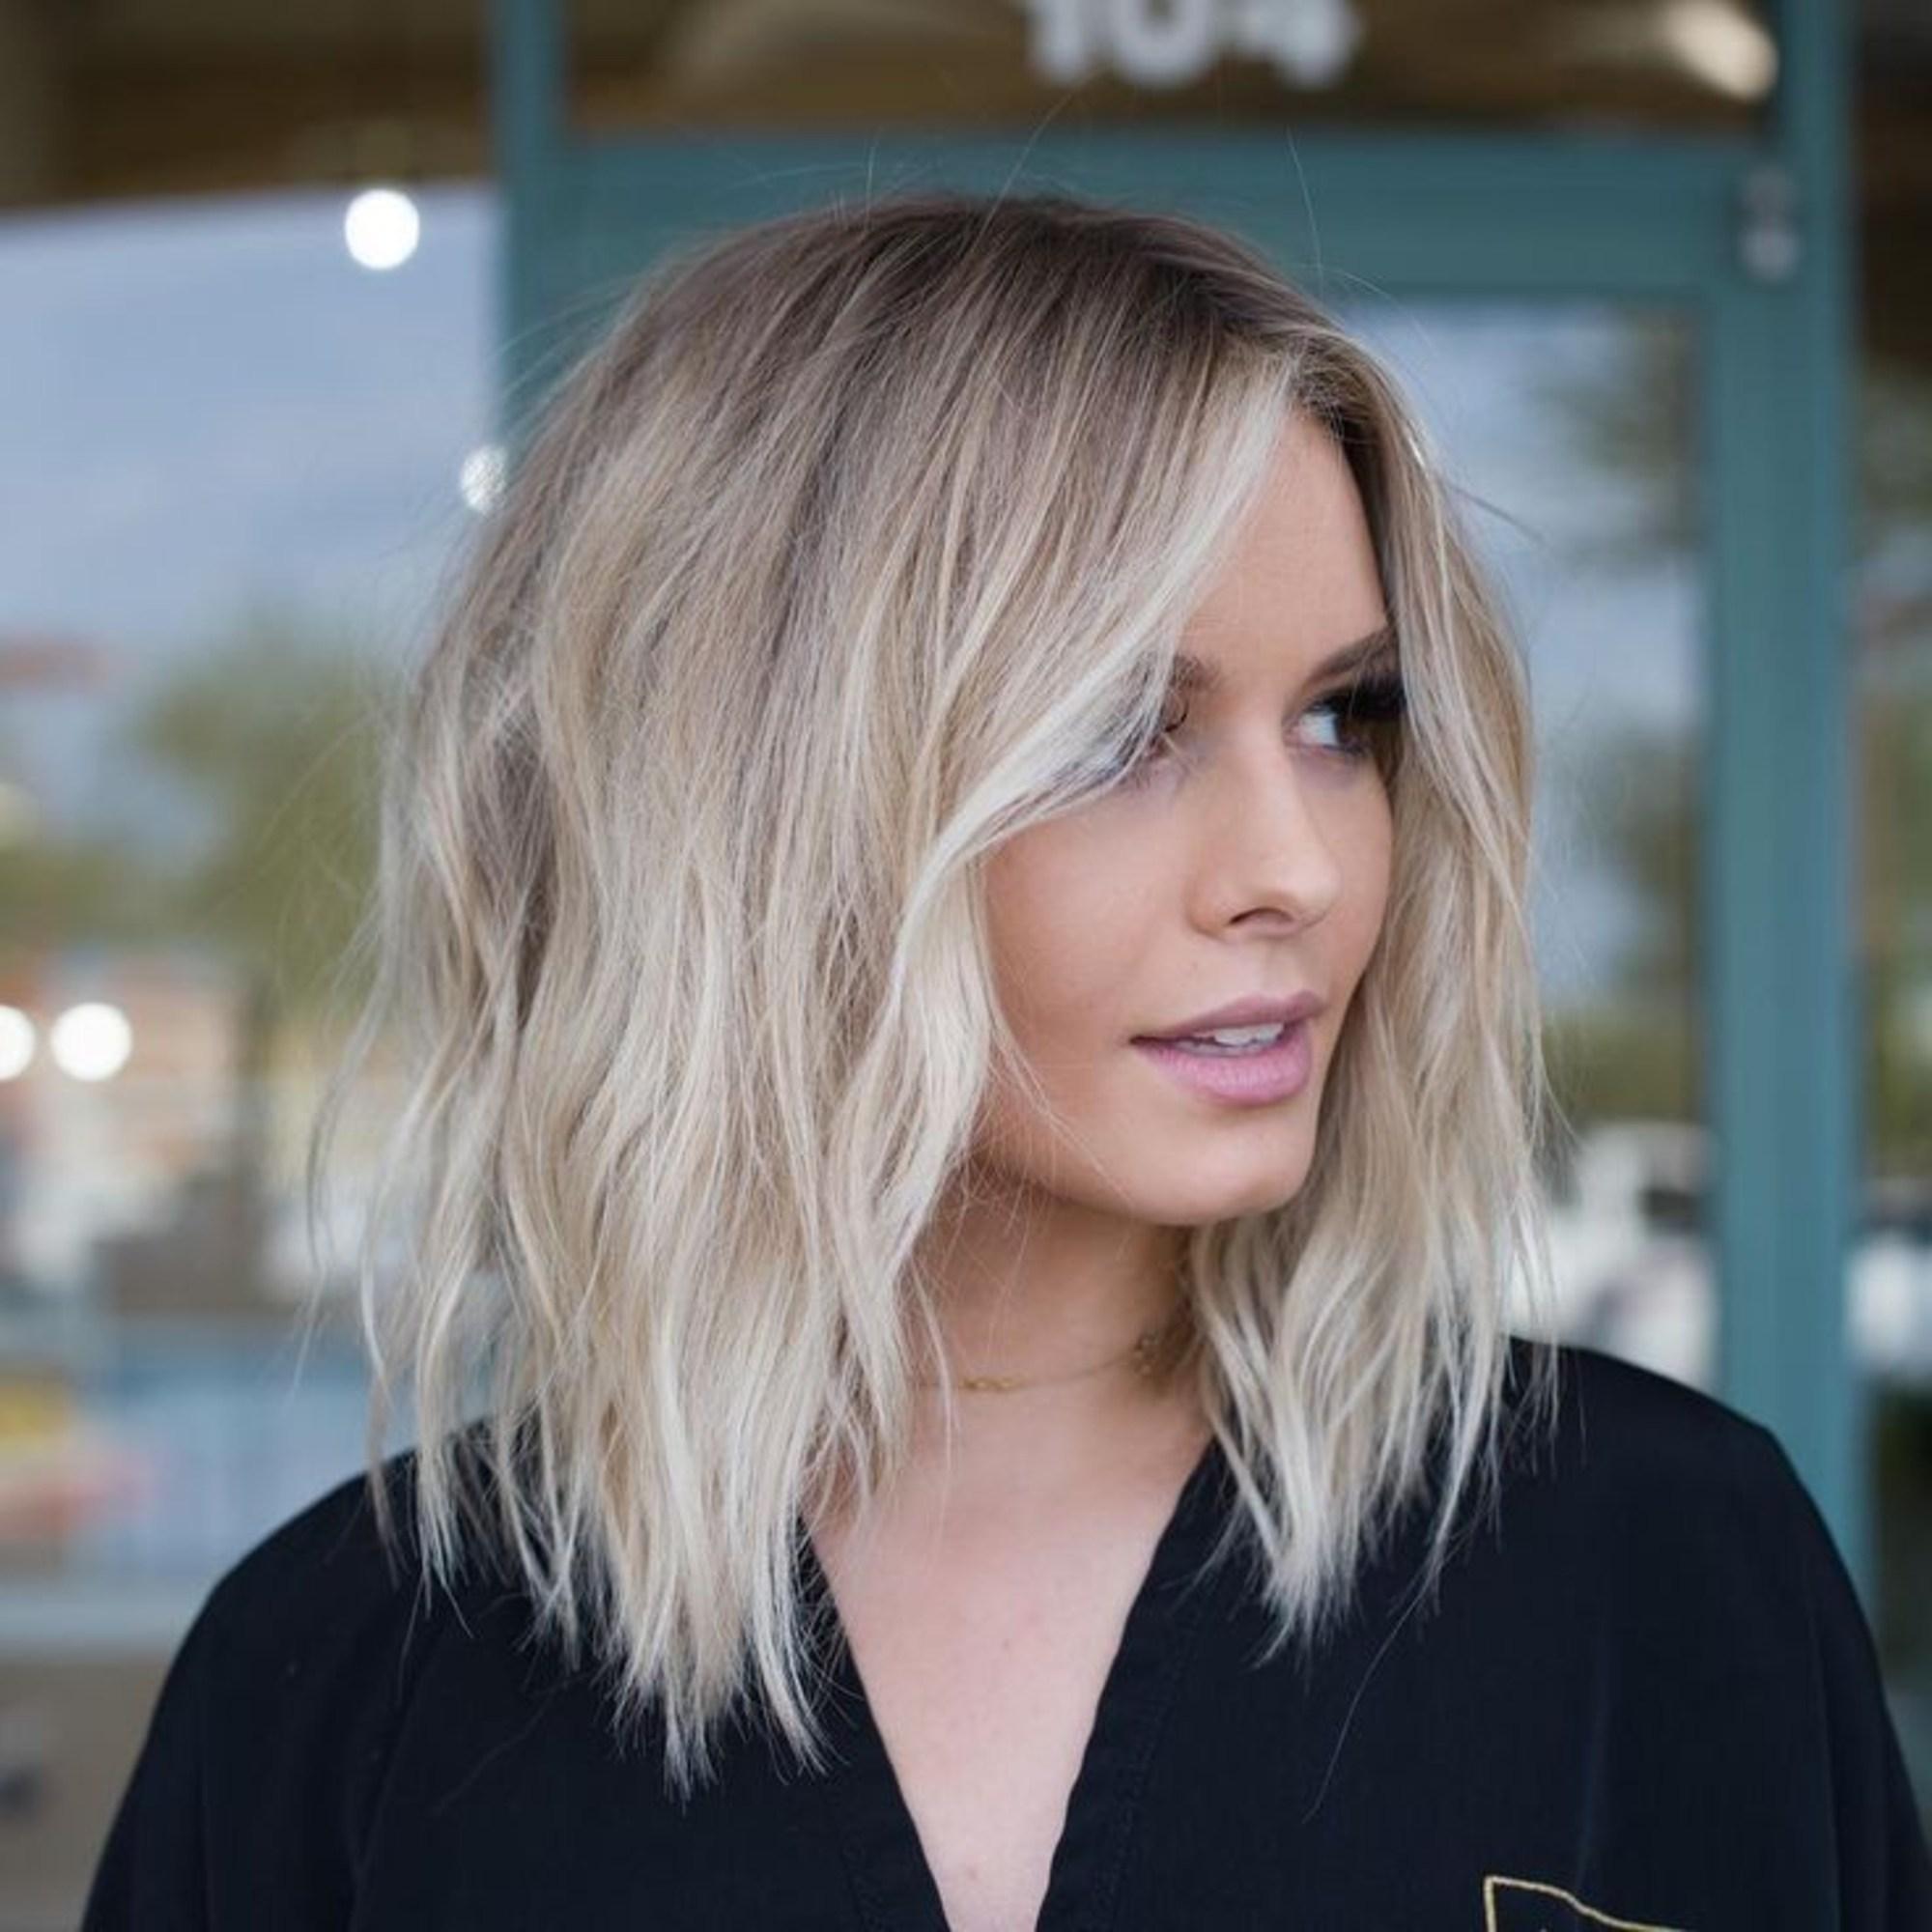 Какой цвет волос поможет стать моложе?